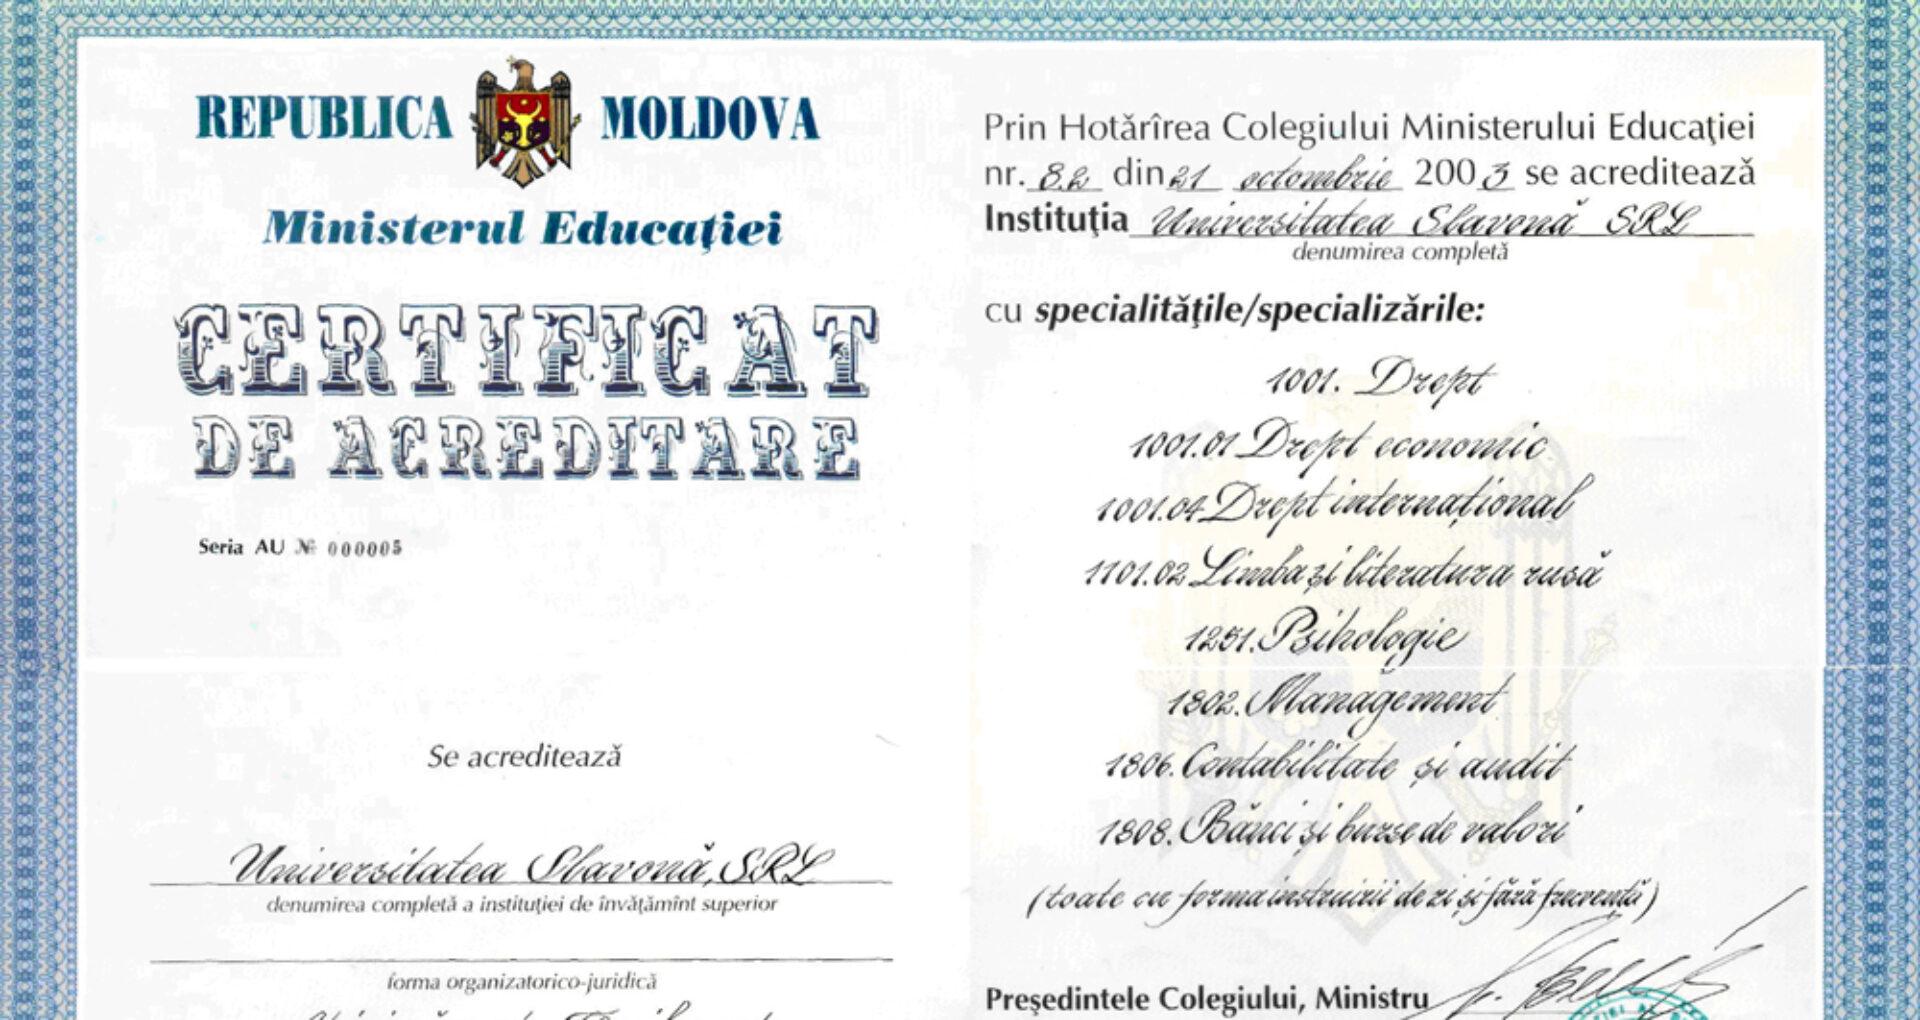 Prima reacție a Ministerului Educației:  Universitatea Slavonă a activat până în 2003 în baza unei autorizații provizorii